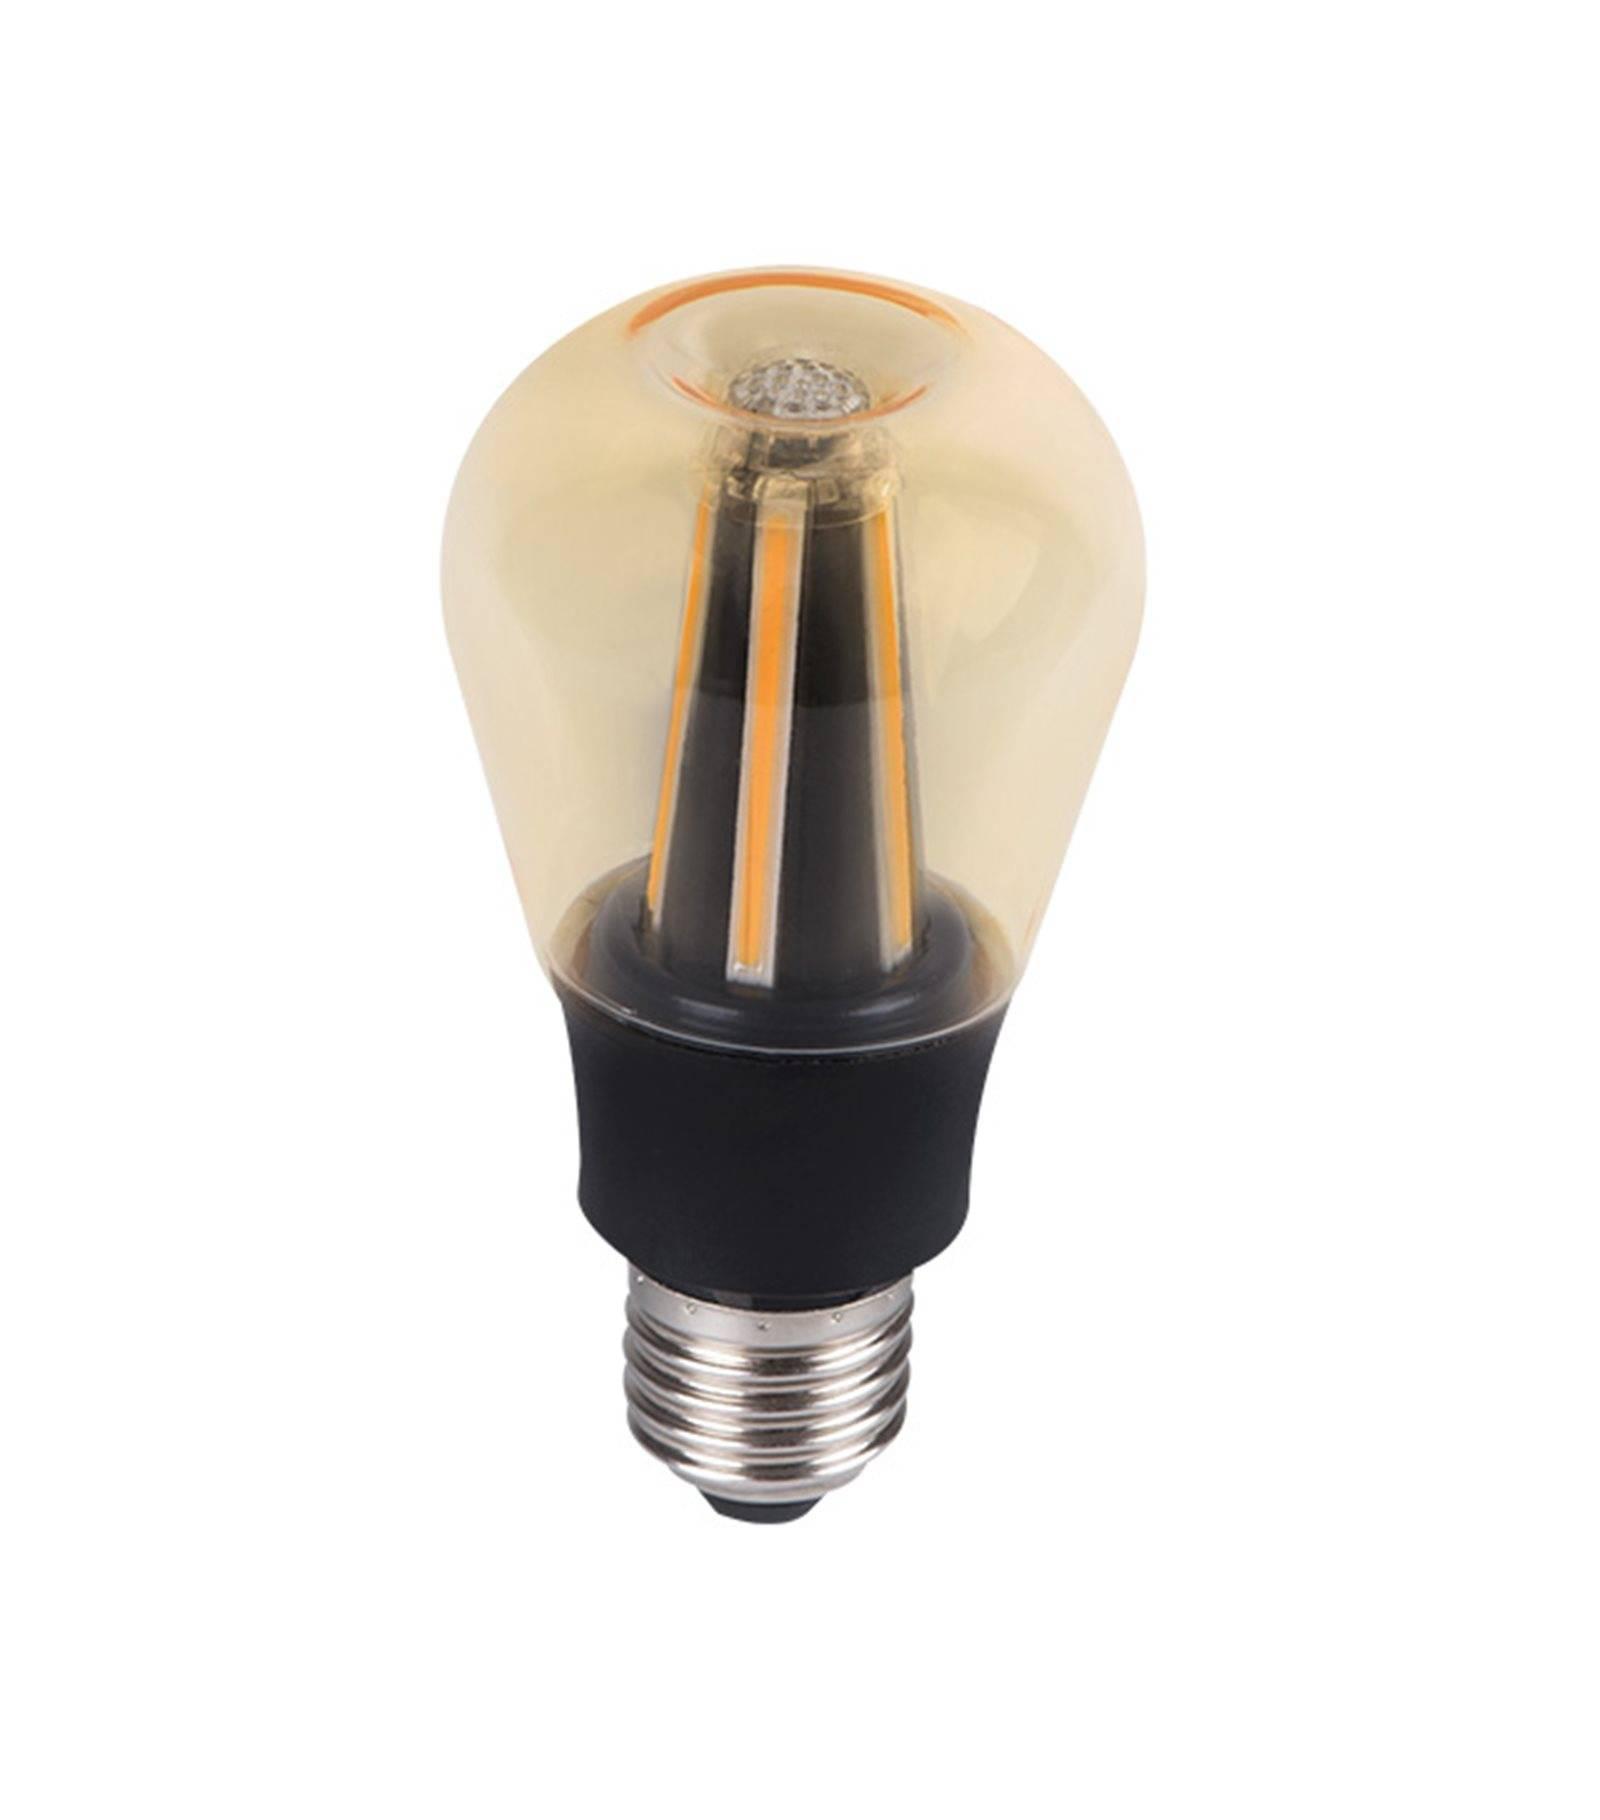 Kanlux Ampoule LED E27 Filament COG APPLE 8W 800Lm (équiv 60W) Blanc Chaud KANLUX - 24256